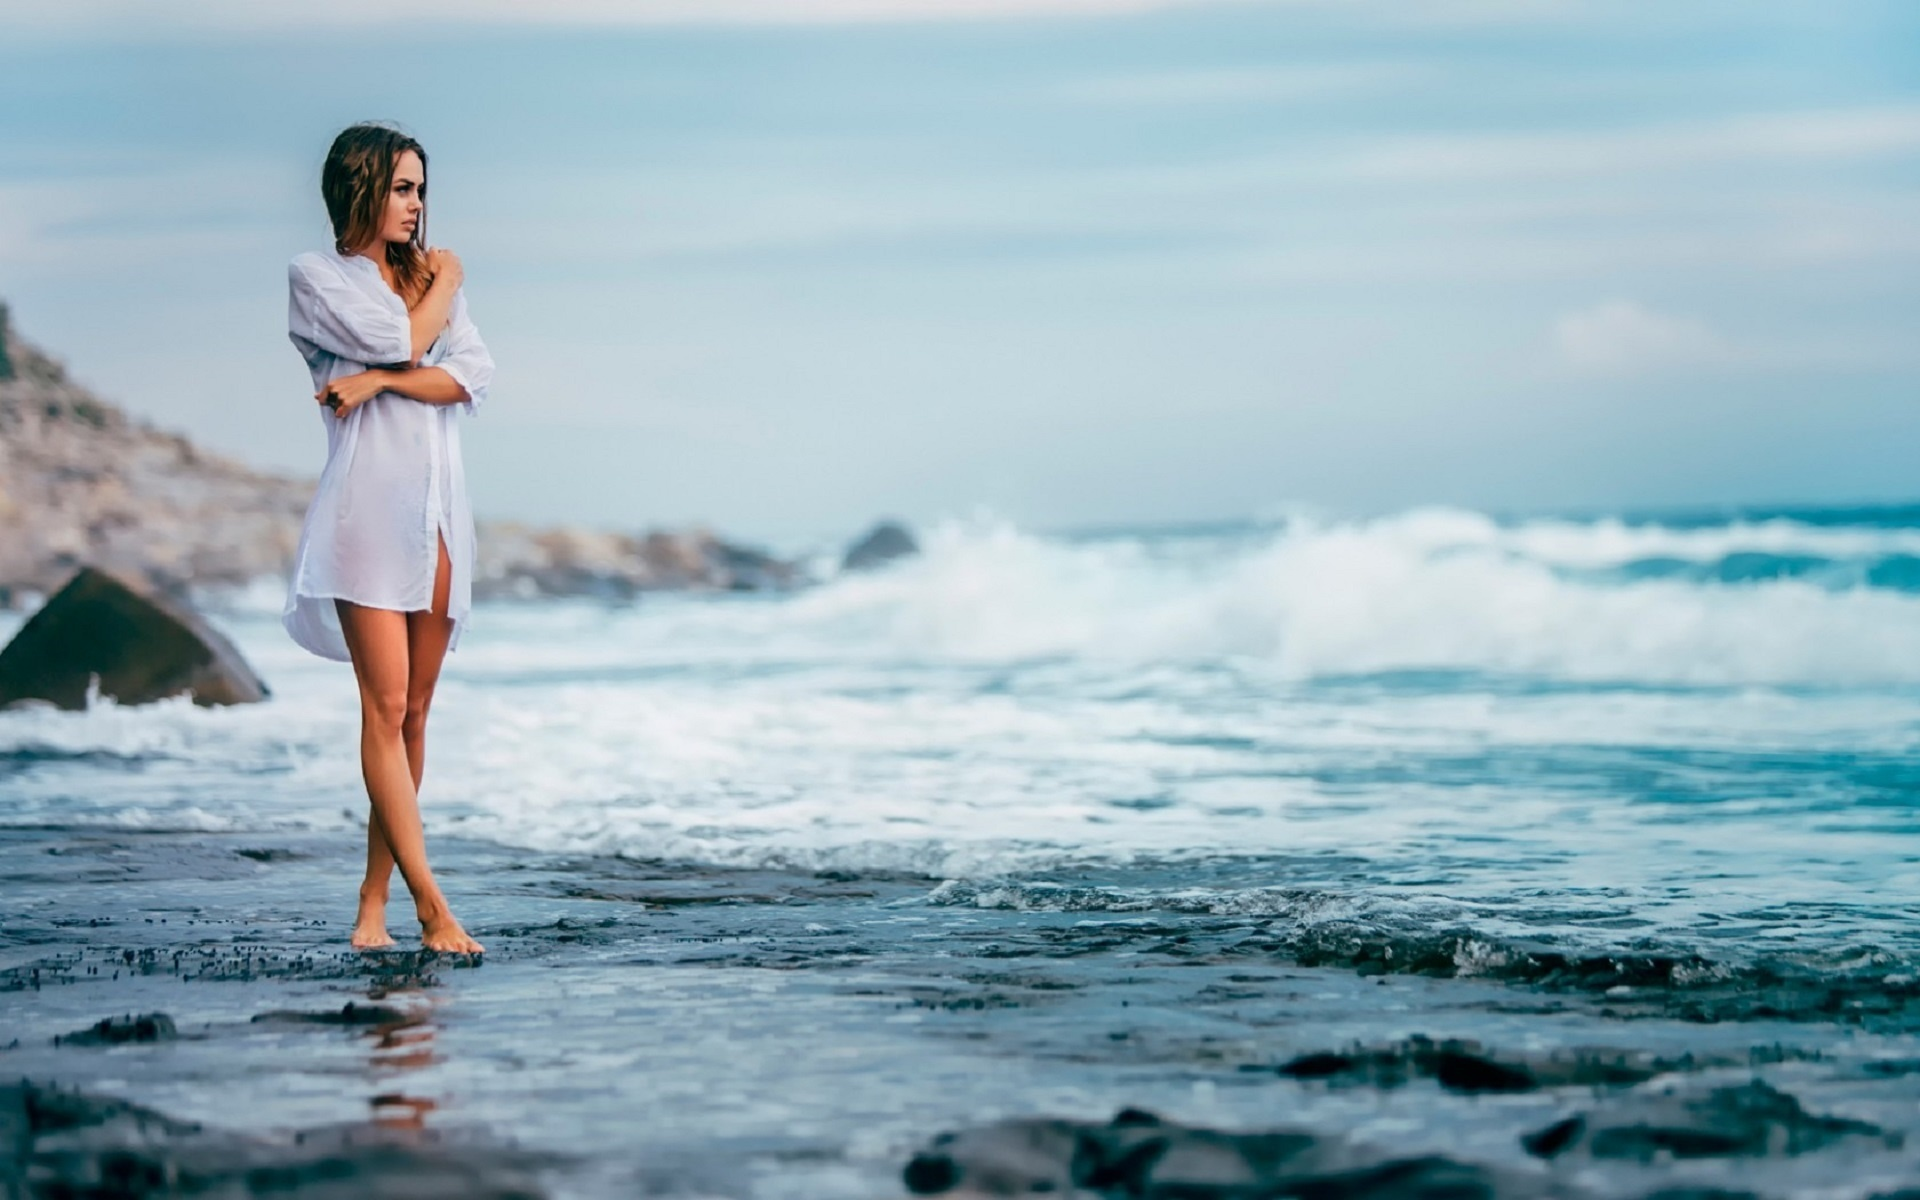 оторванными ногами фотосессии на берегу моря варианты дачи обычно отнимает